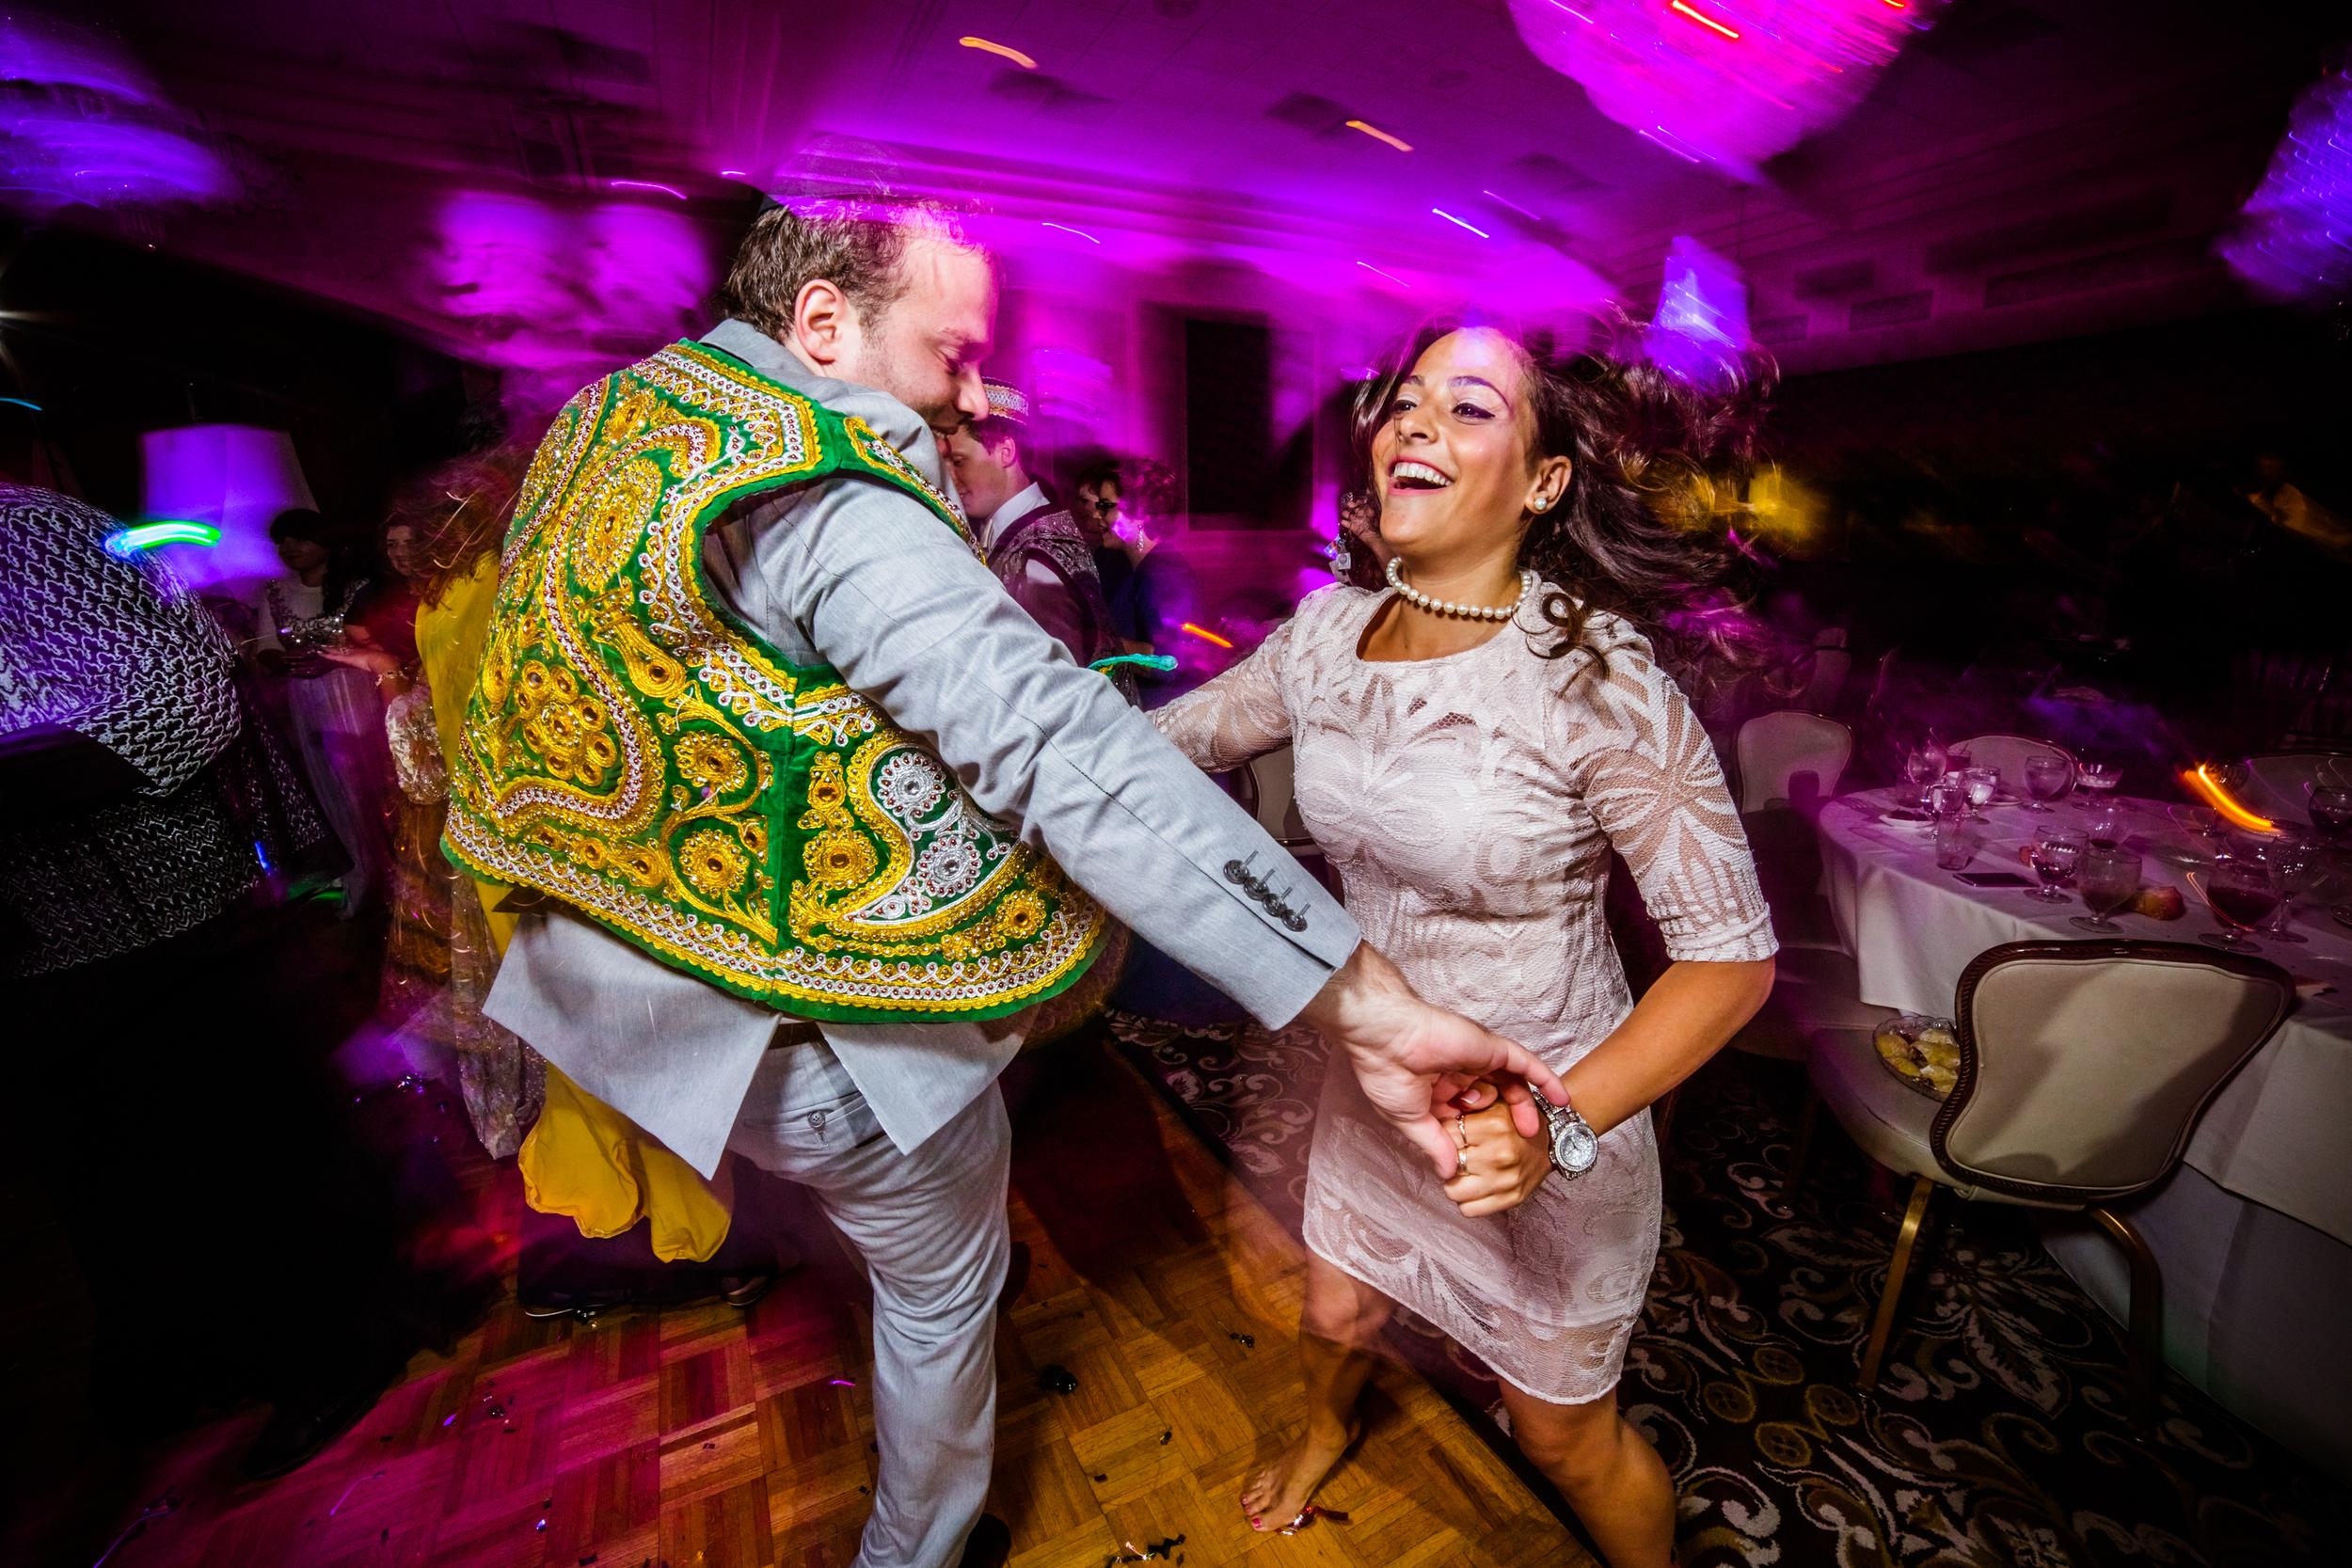 Wedding Etya & Sergey - Eliau Piha studio photography, new york, events, people-0714.jpg